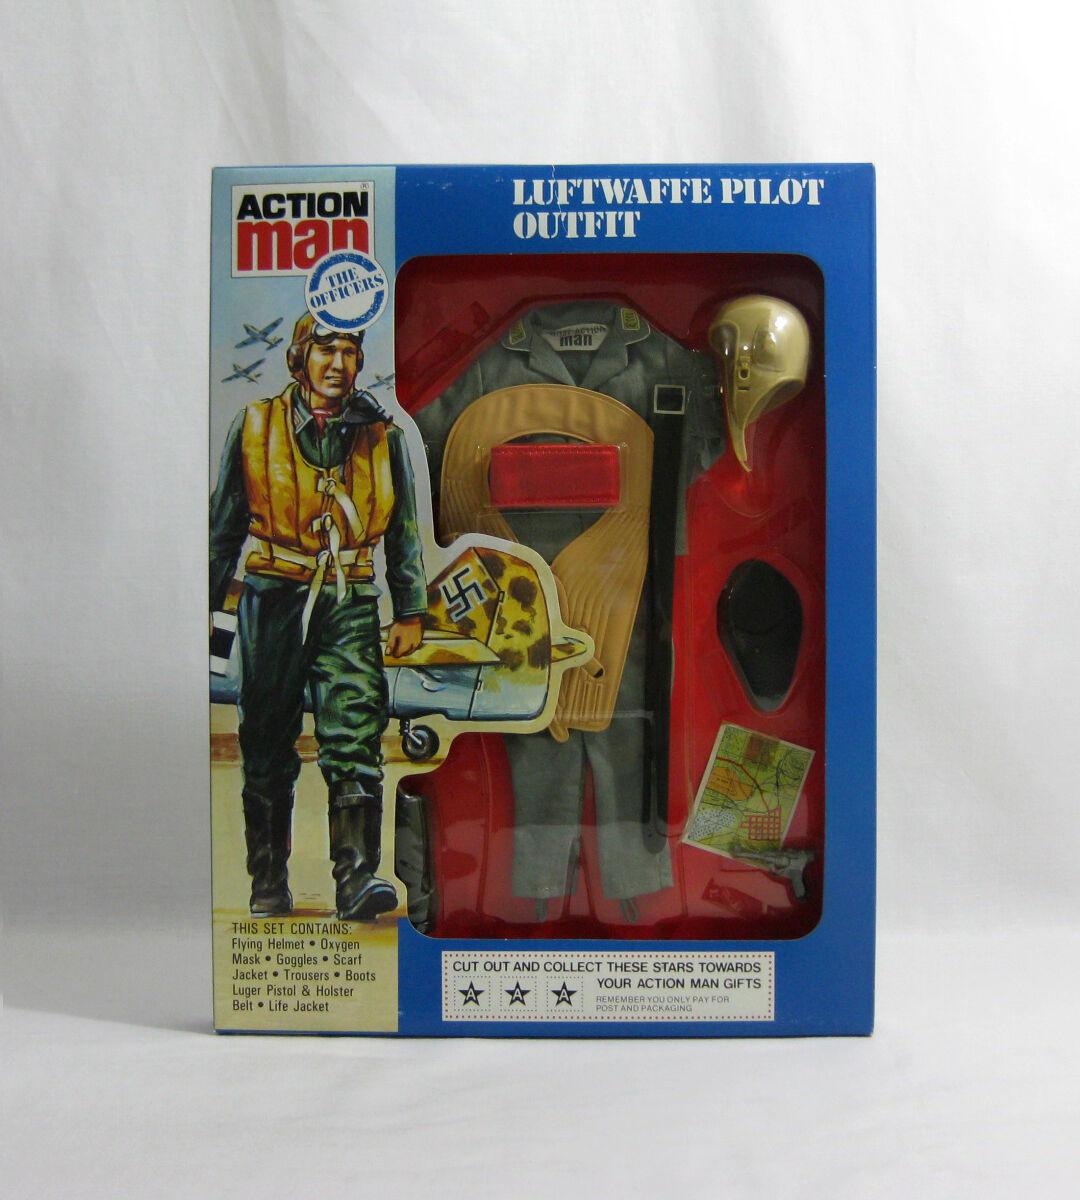 NEW 1981-84 Action Man ✧ Luftwaffe Pilot ✧ Vintage G.I Joe Outfit MOC